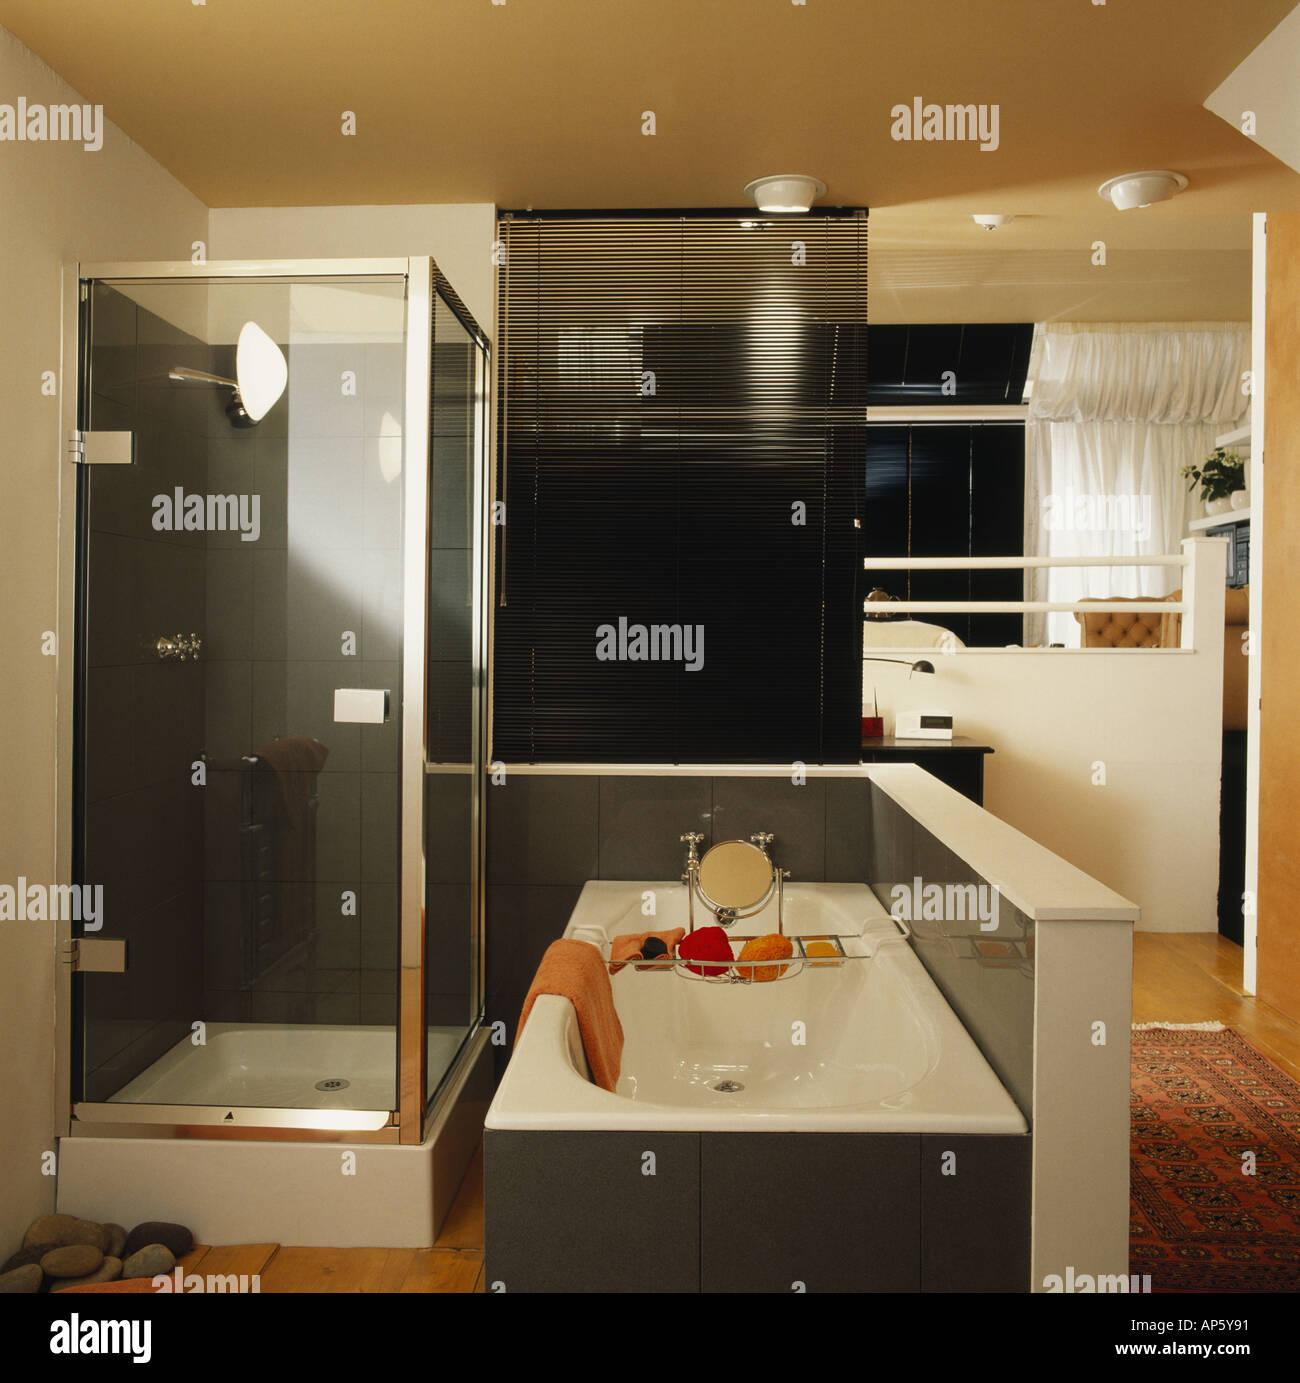 Kleine Dusche Und Badewanne In Anthrazit Grau Weiß Modern En Suite  Badezimmer Getrennt Vom Schlafzimmer Durch Schwarze Split Cane Blind